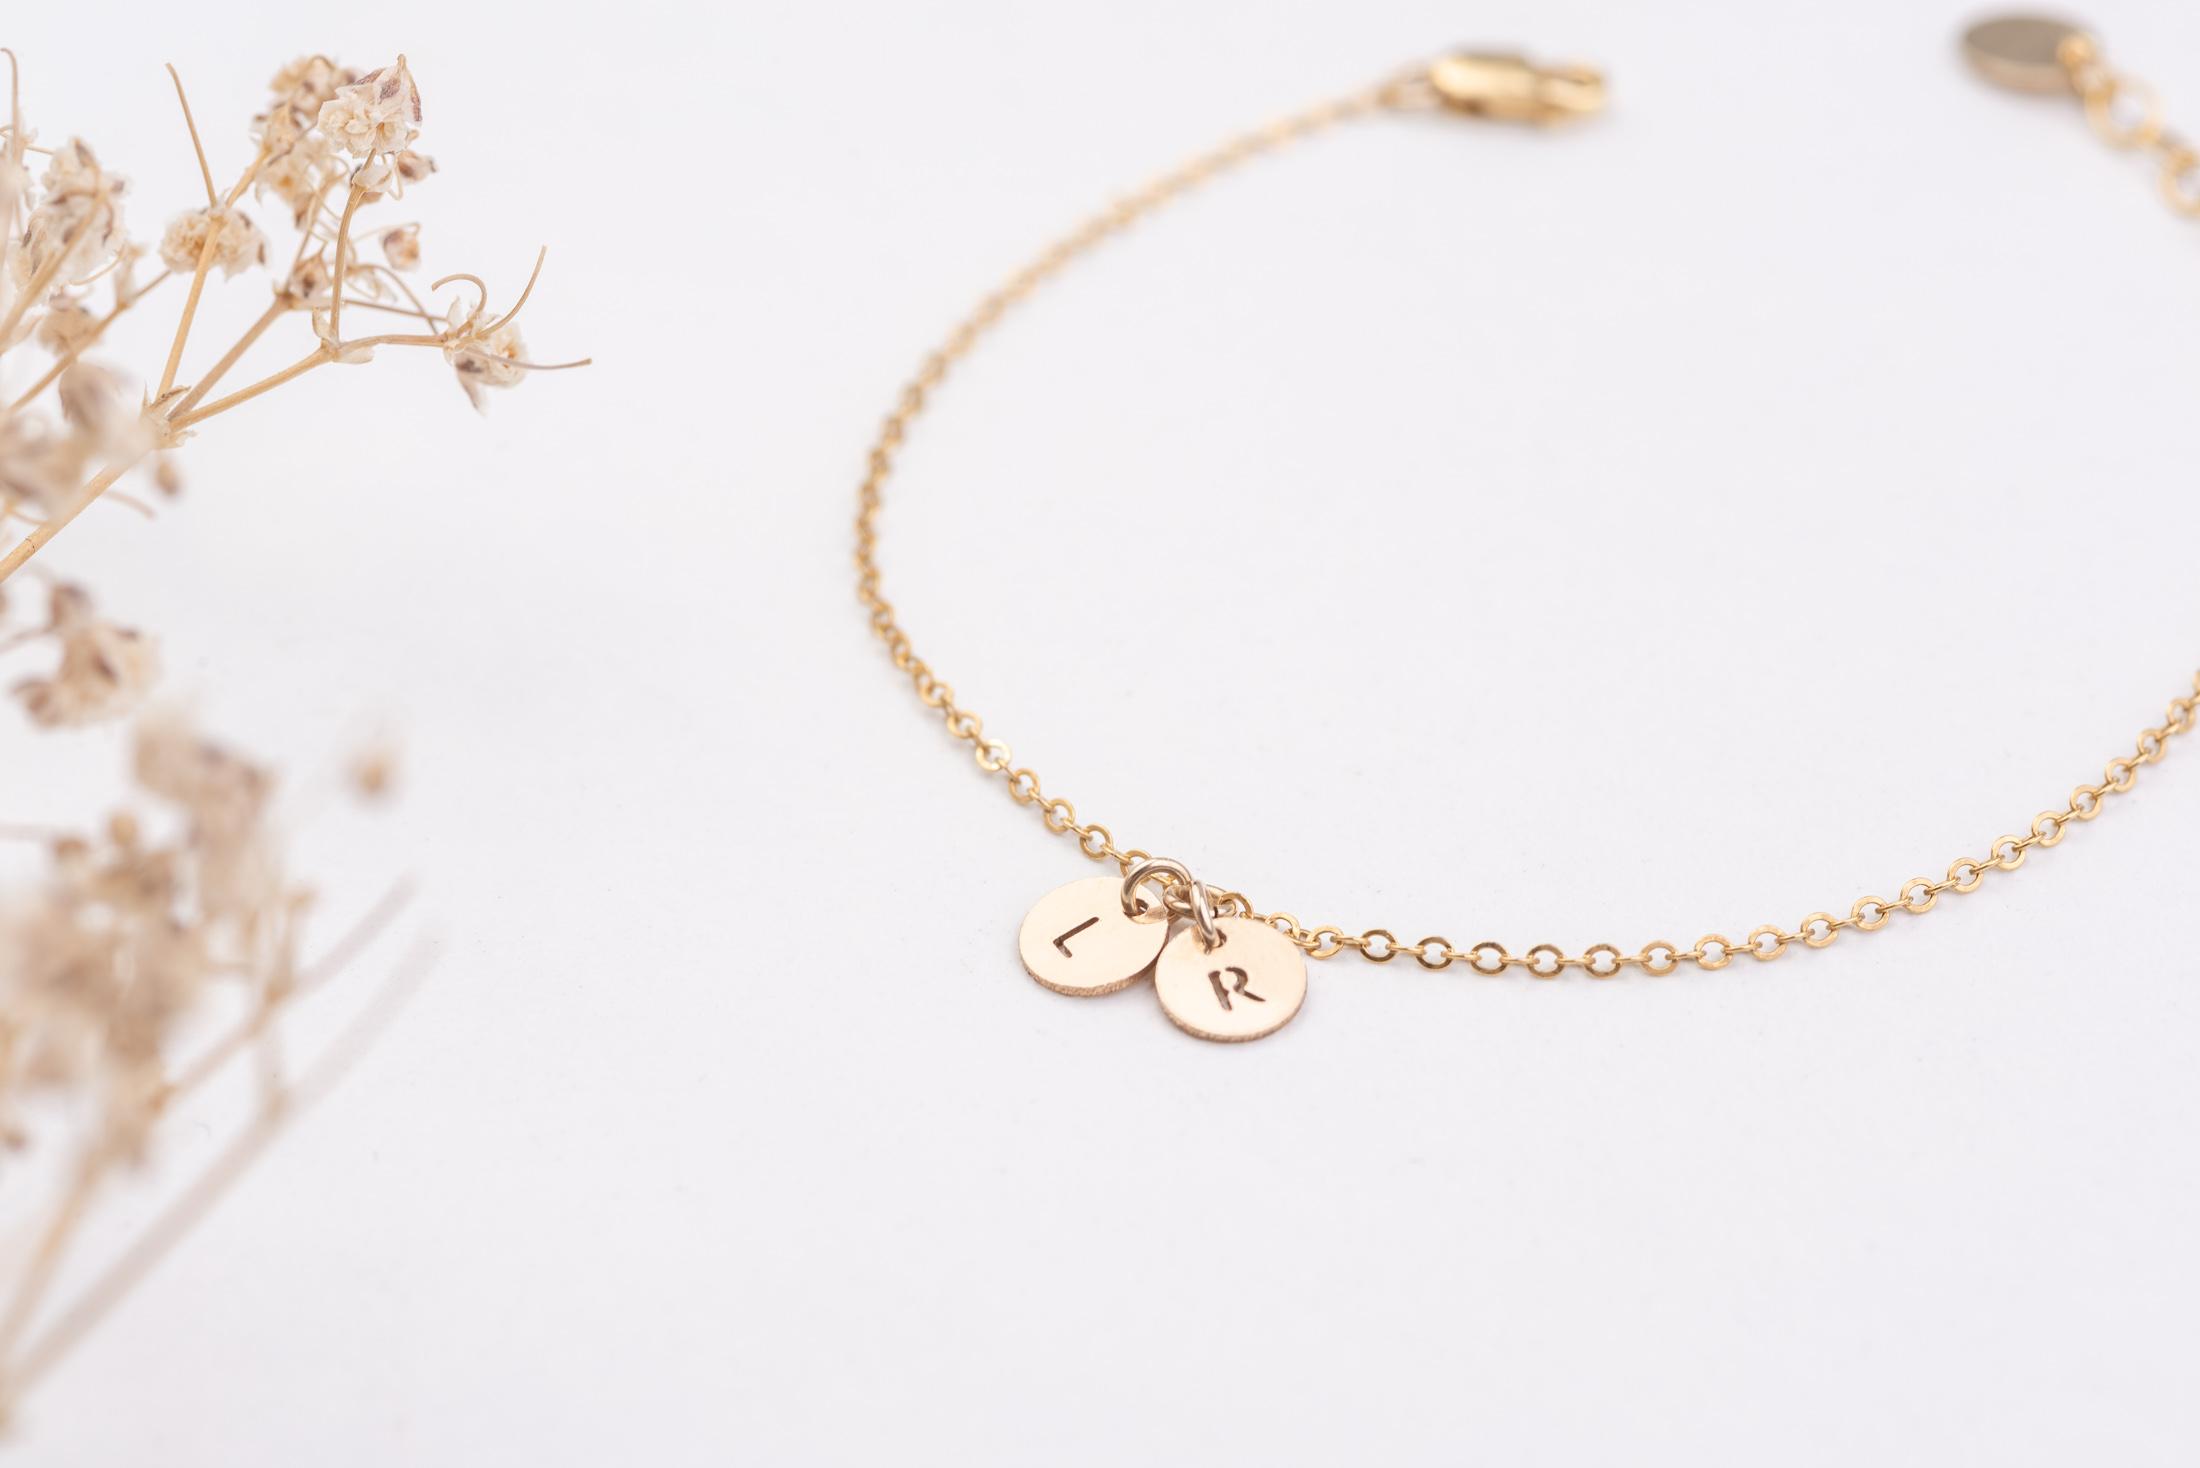 bracelet personnalisable or gold filled 14k